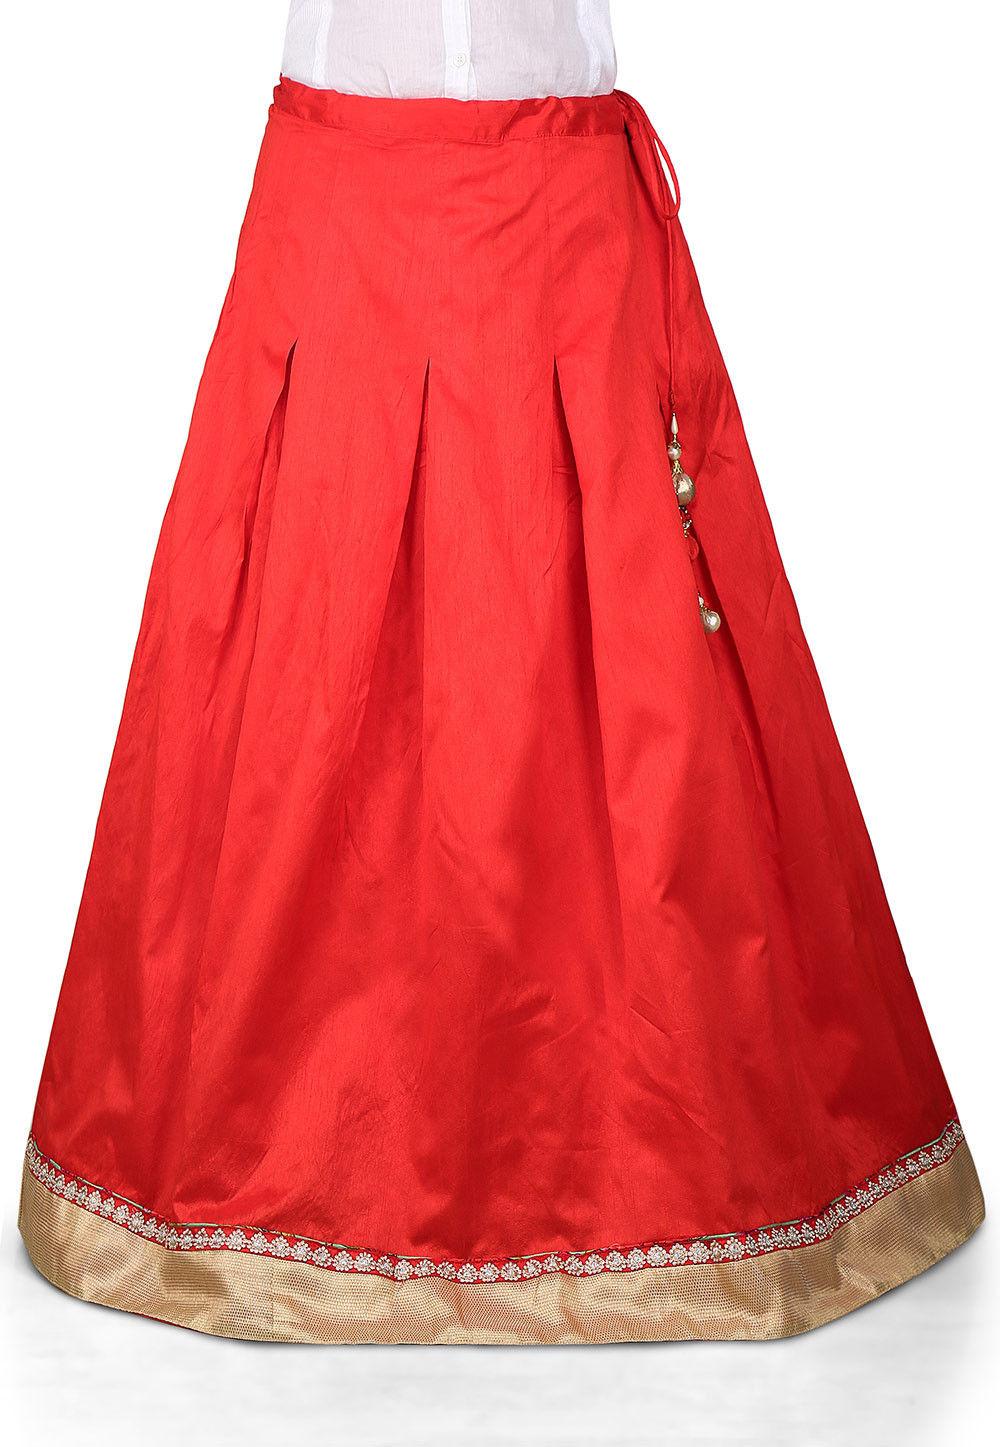 Plain Dupion Art Silk Skirt in Red